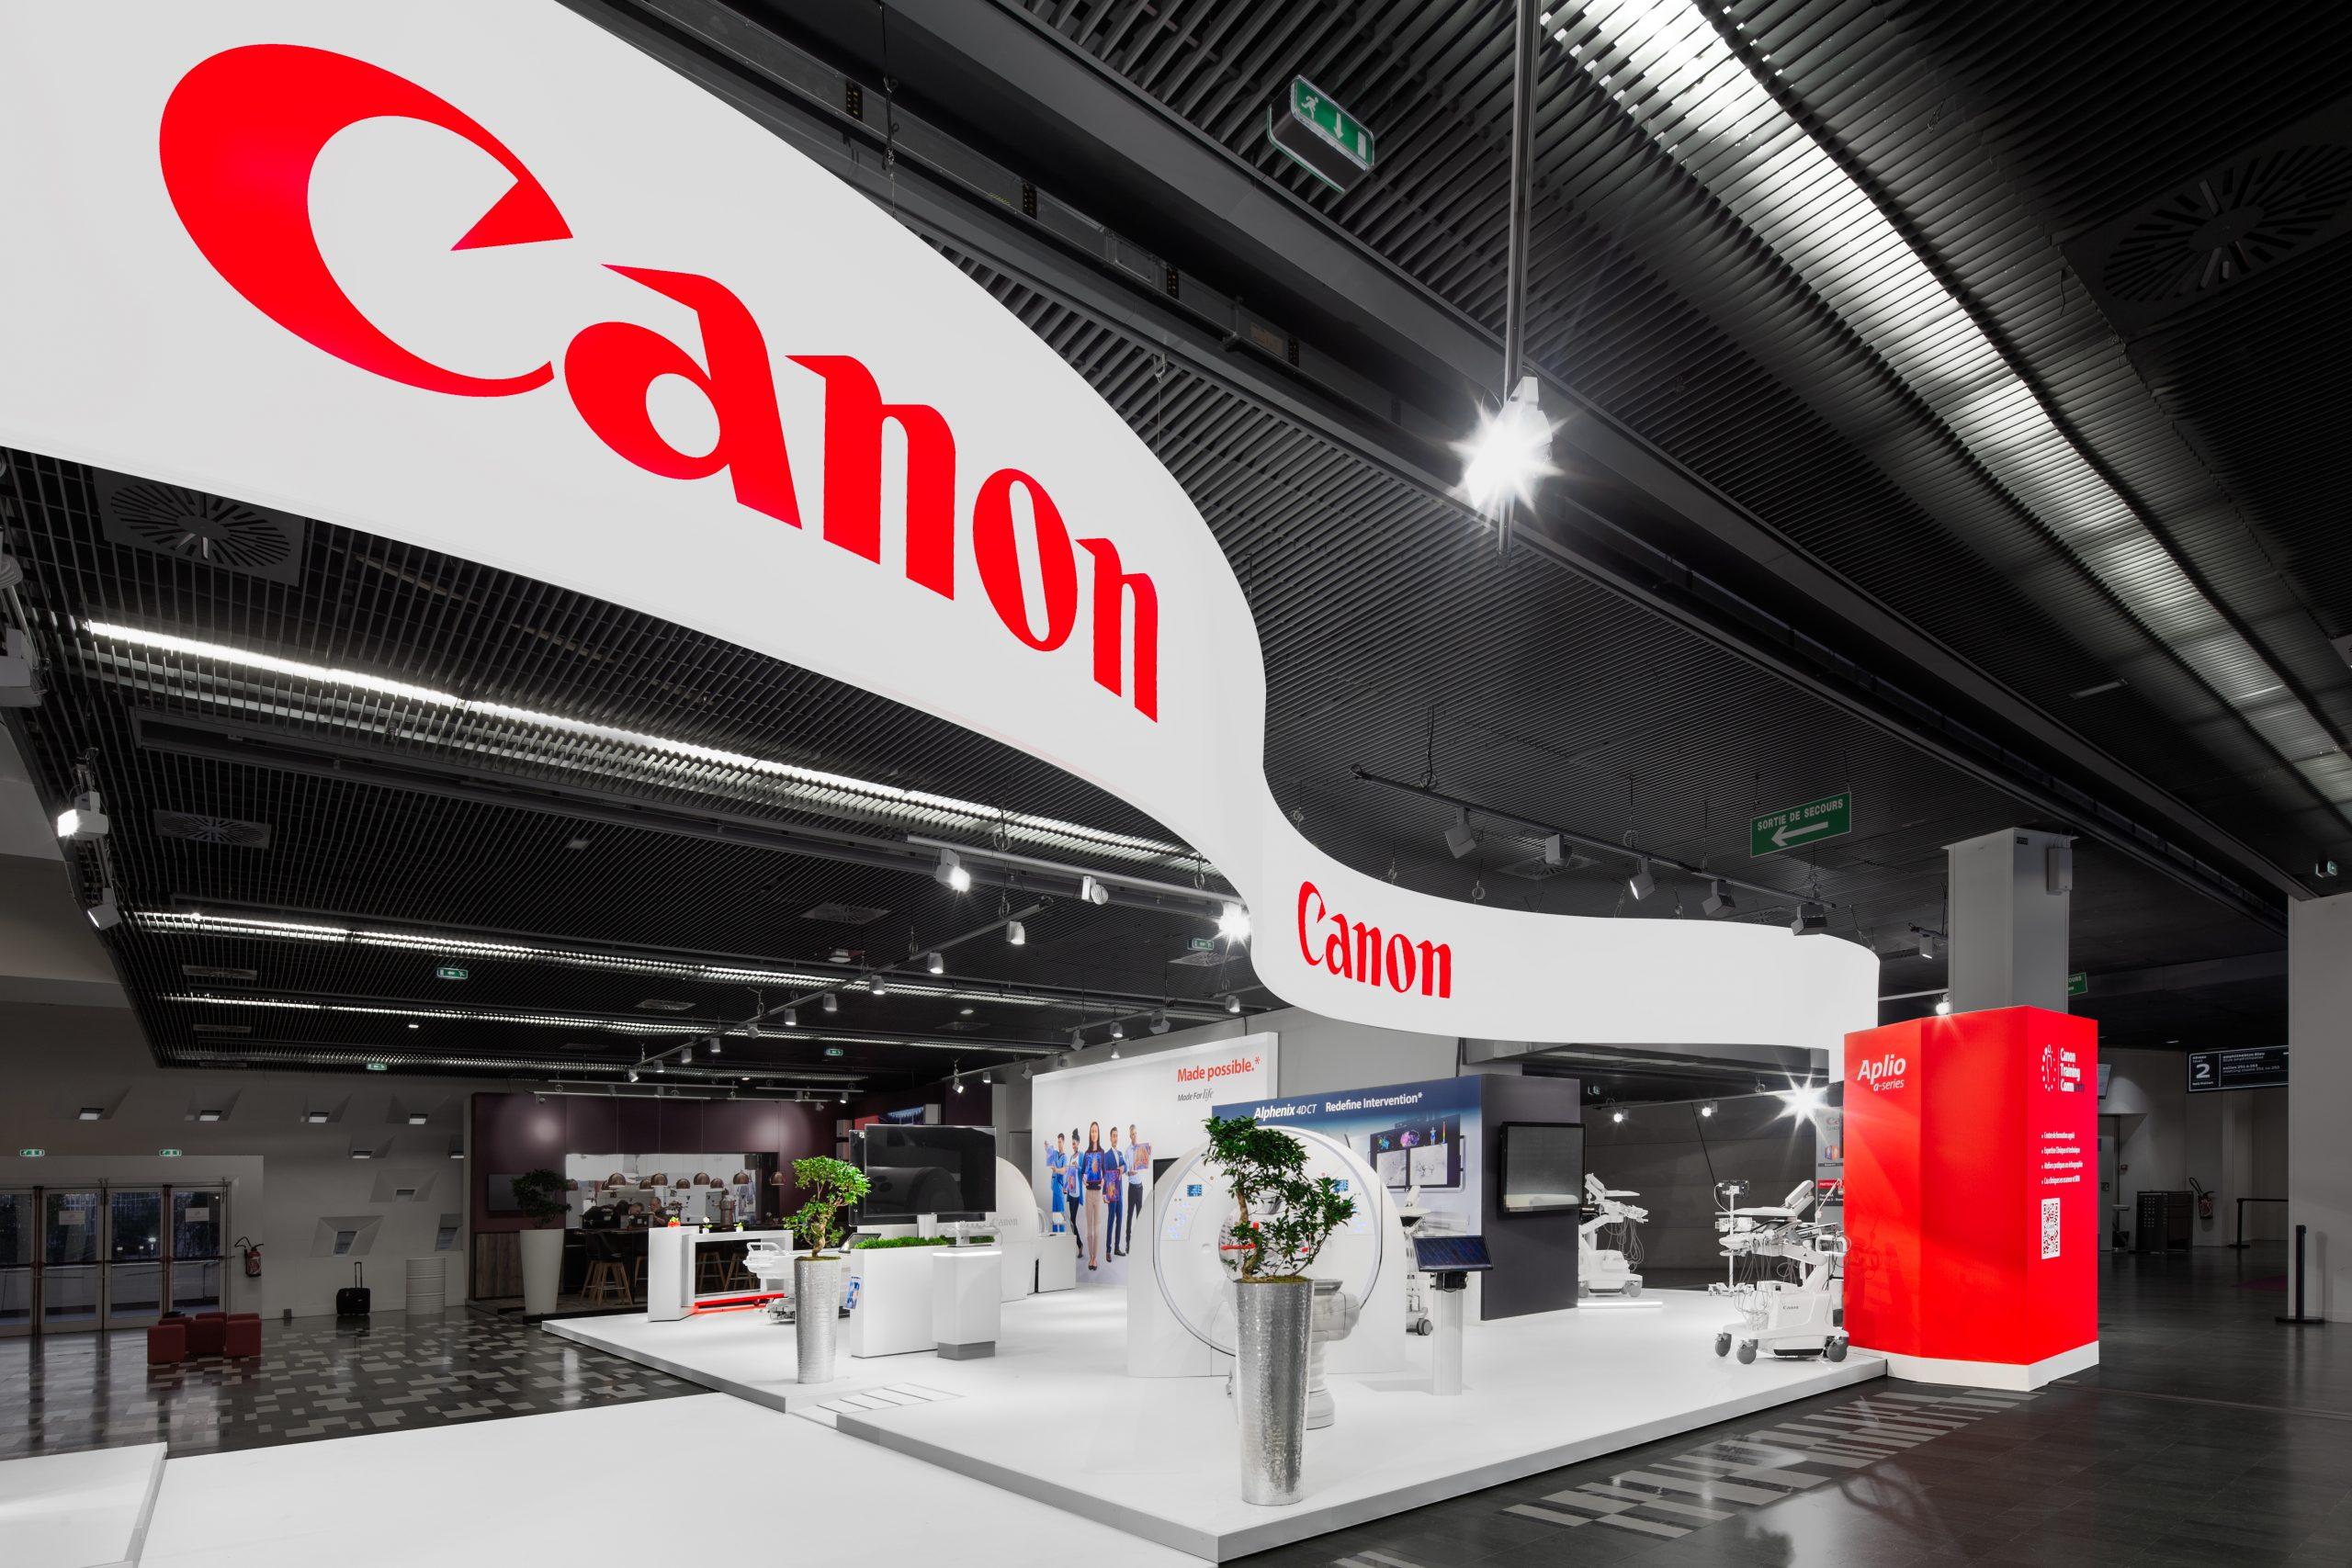 Cas Exhibition Partners - Canon - JFR 2019 - Paris - Standbouwfotografie #8848